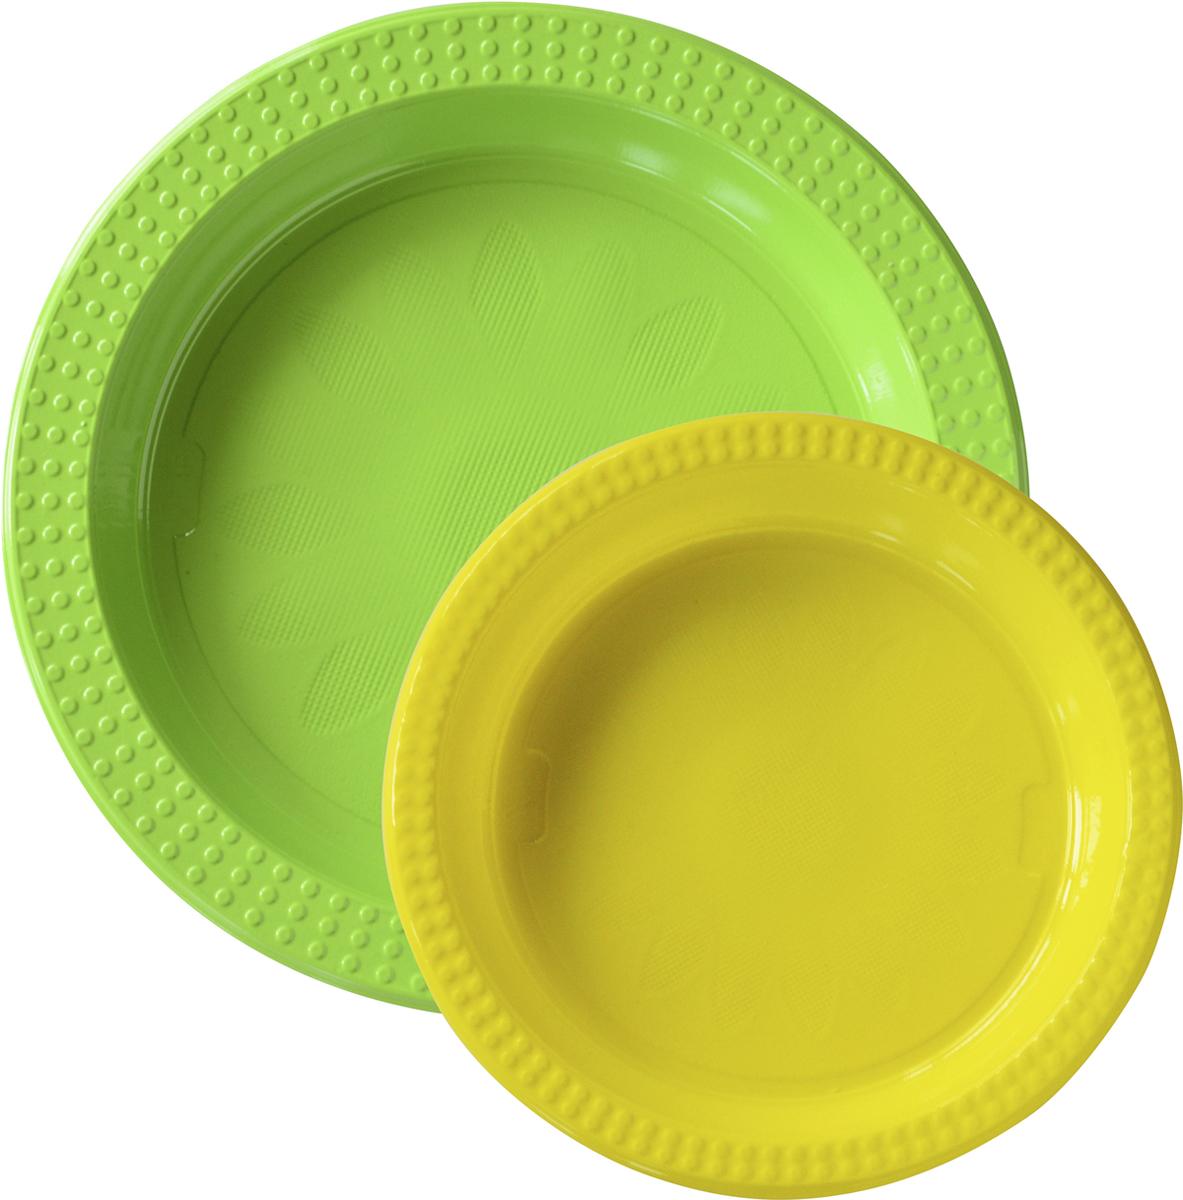 Тарелки пластиковые, 22см и 17см, в комплекте 20 шт167729Еда – одна из важнейших частей нашей жизни. Еда объединяет разных людей. Впечатляющая сервировка стола вдохновит любое застолье и превратит его в запоминающийся момент – для всех чувств, не только вкуса.Мы не только простой производитель салфеток, скатертей, свечек, чашек, тарелок и ножей с вилками. Мы – создатель атмосферы, вдохновения и сюрпризов – все это основные части обеда, ужина, вечеринки или незабываемого пикника.Используя современные инновации, скандинавский дизайн и опыт накопленный столетиями, мы сделаем вашу трапезу незабываемым праздником.